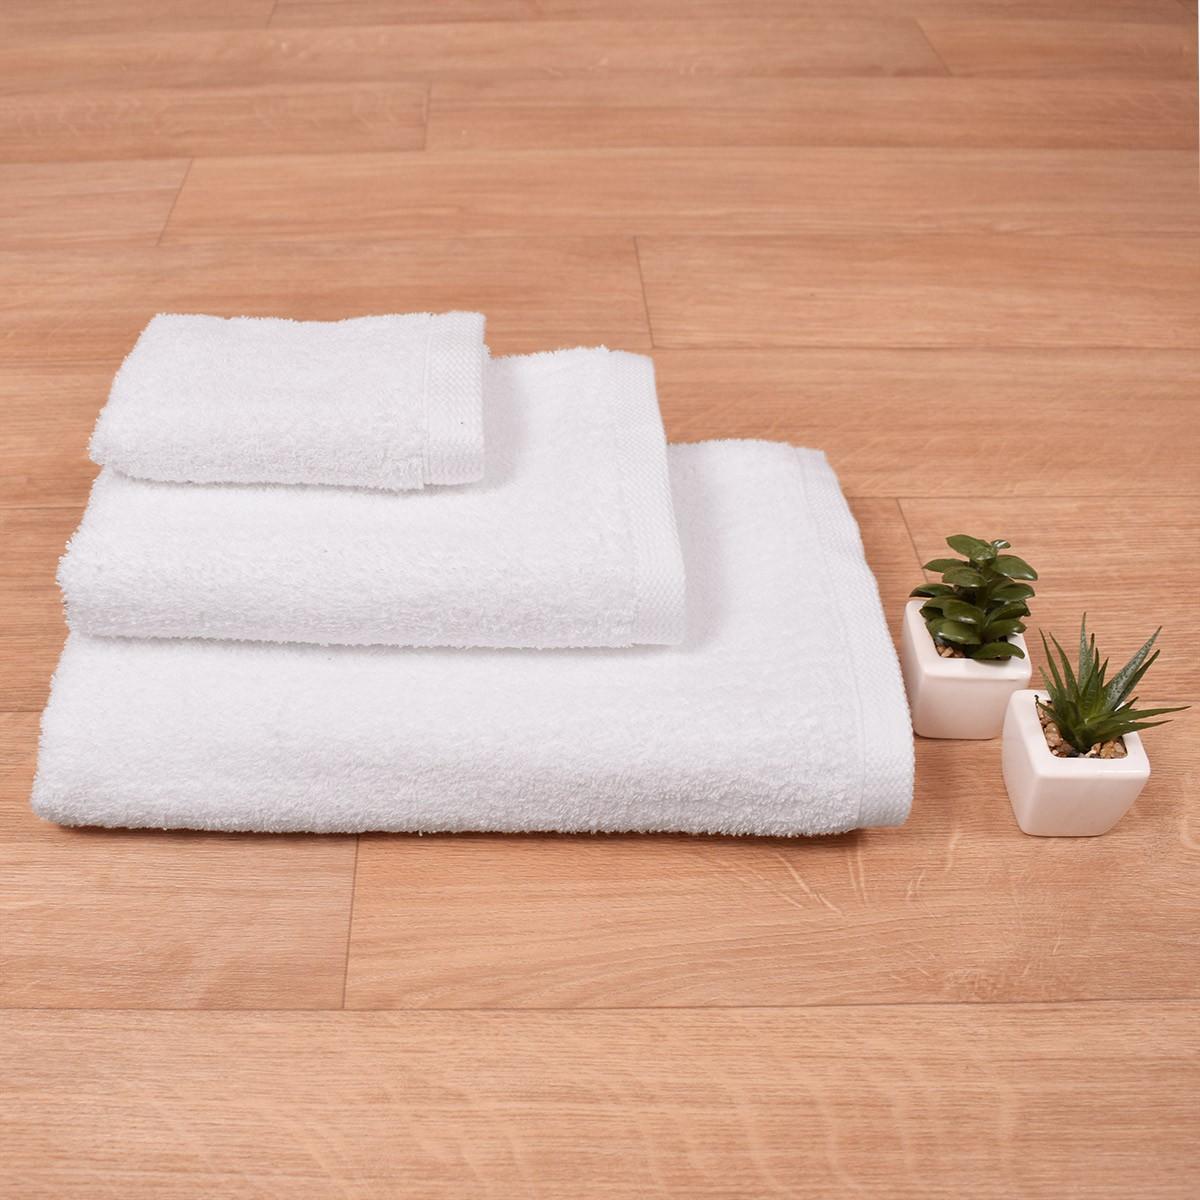 Πετσέτα Προσώπου Λευκή (50x100) Giza 600gr/m2